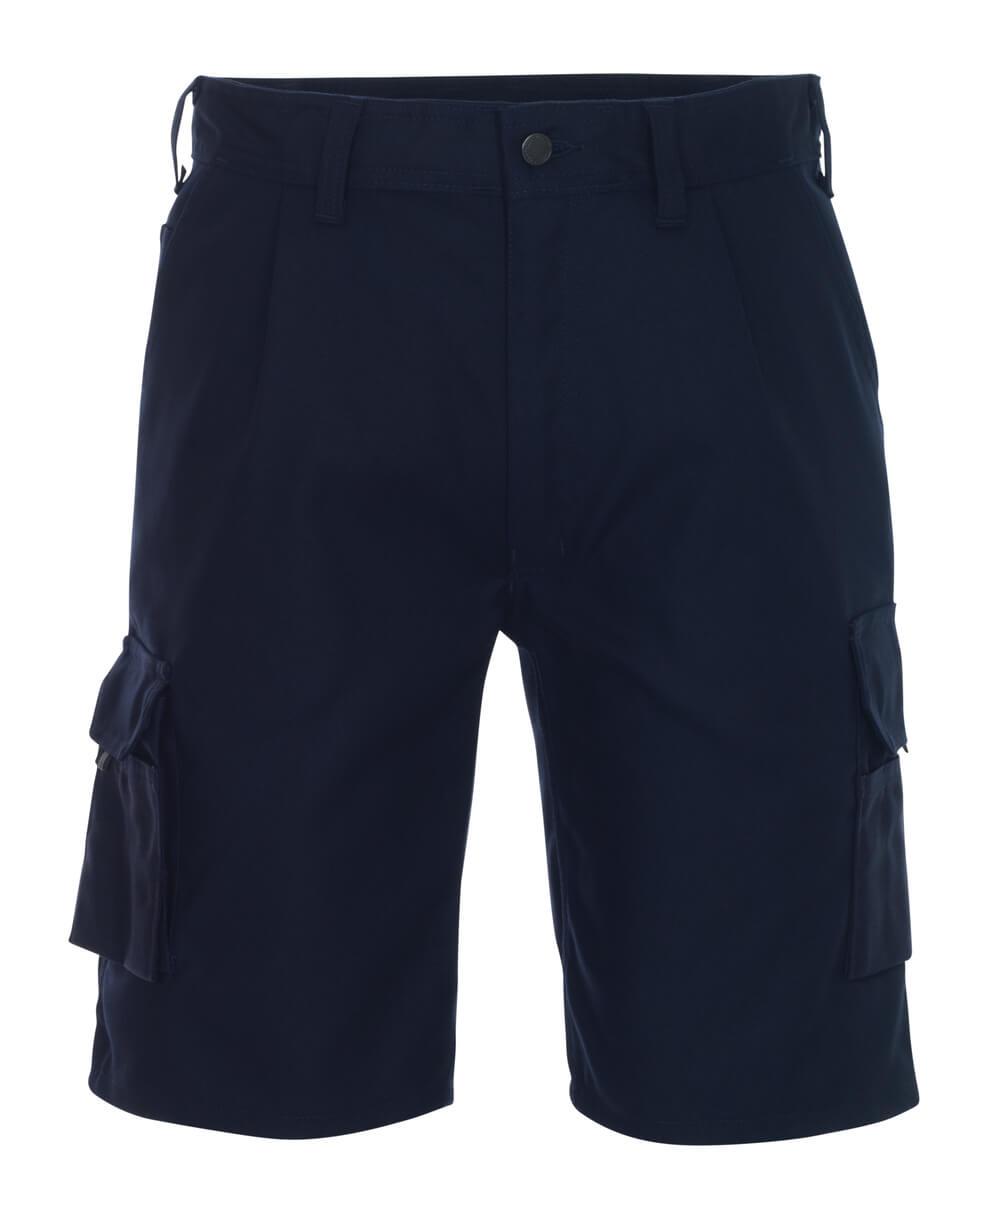 03049-010-01 Short - Marine